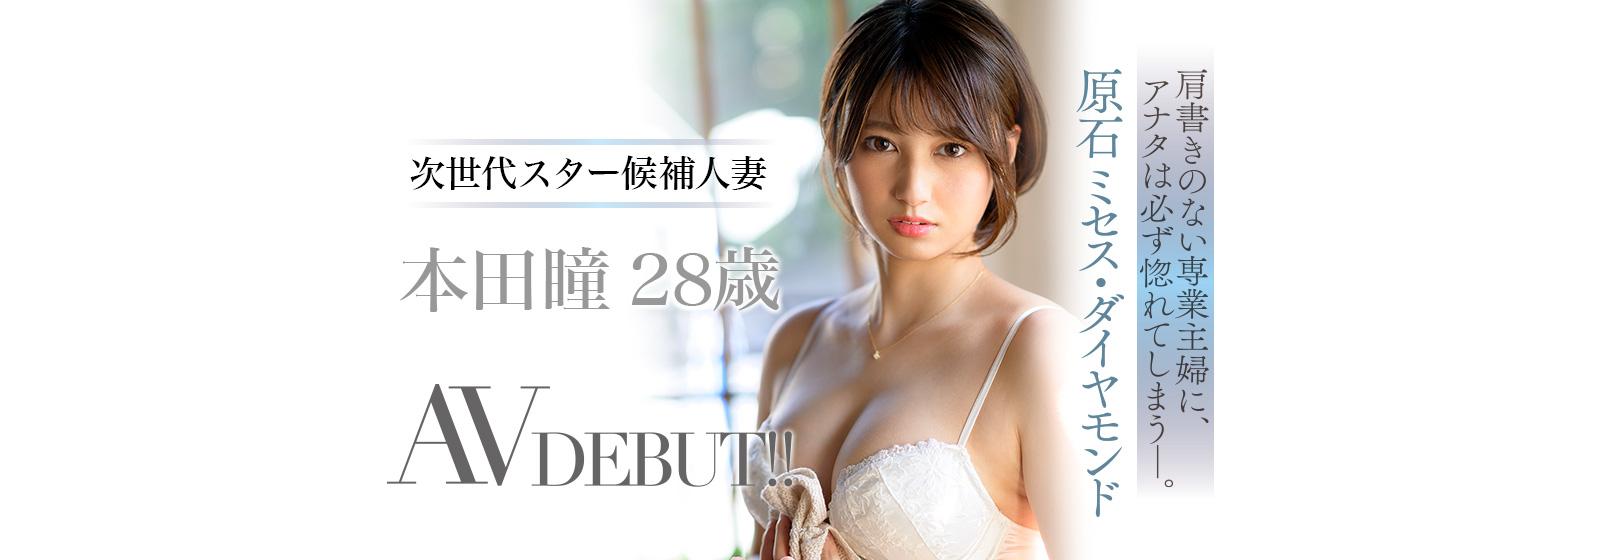 本田瞳 トップ画像